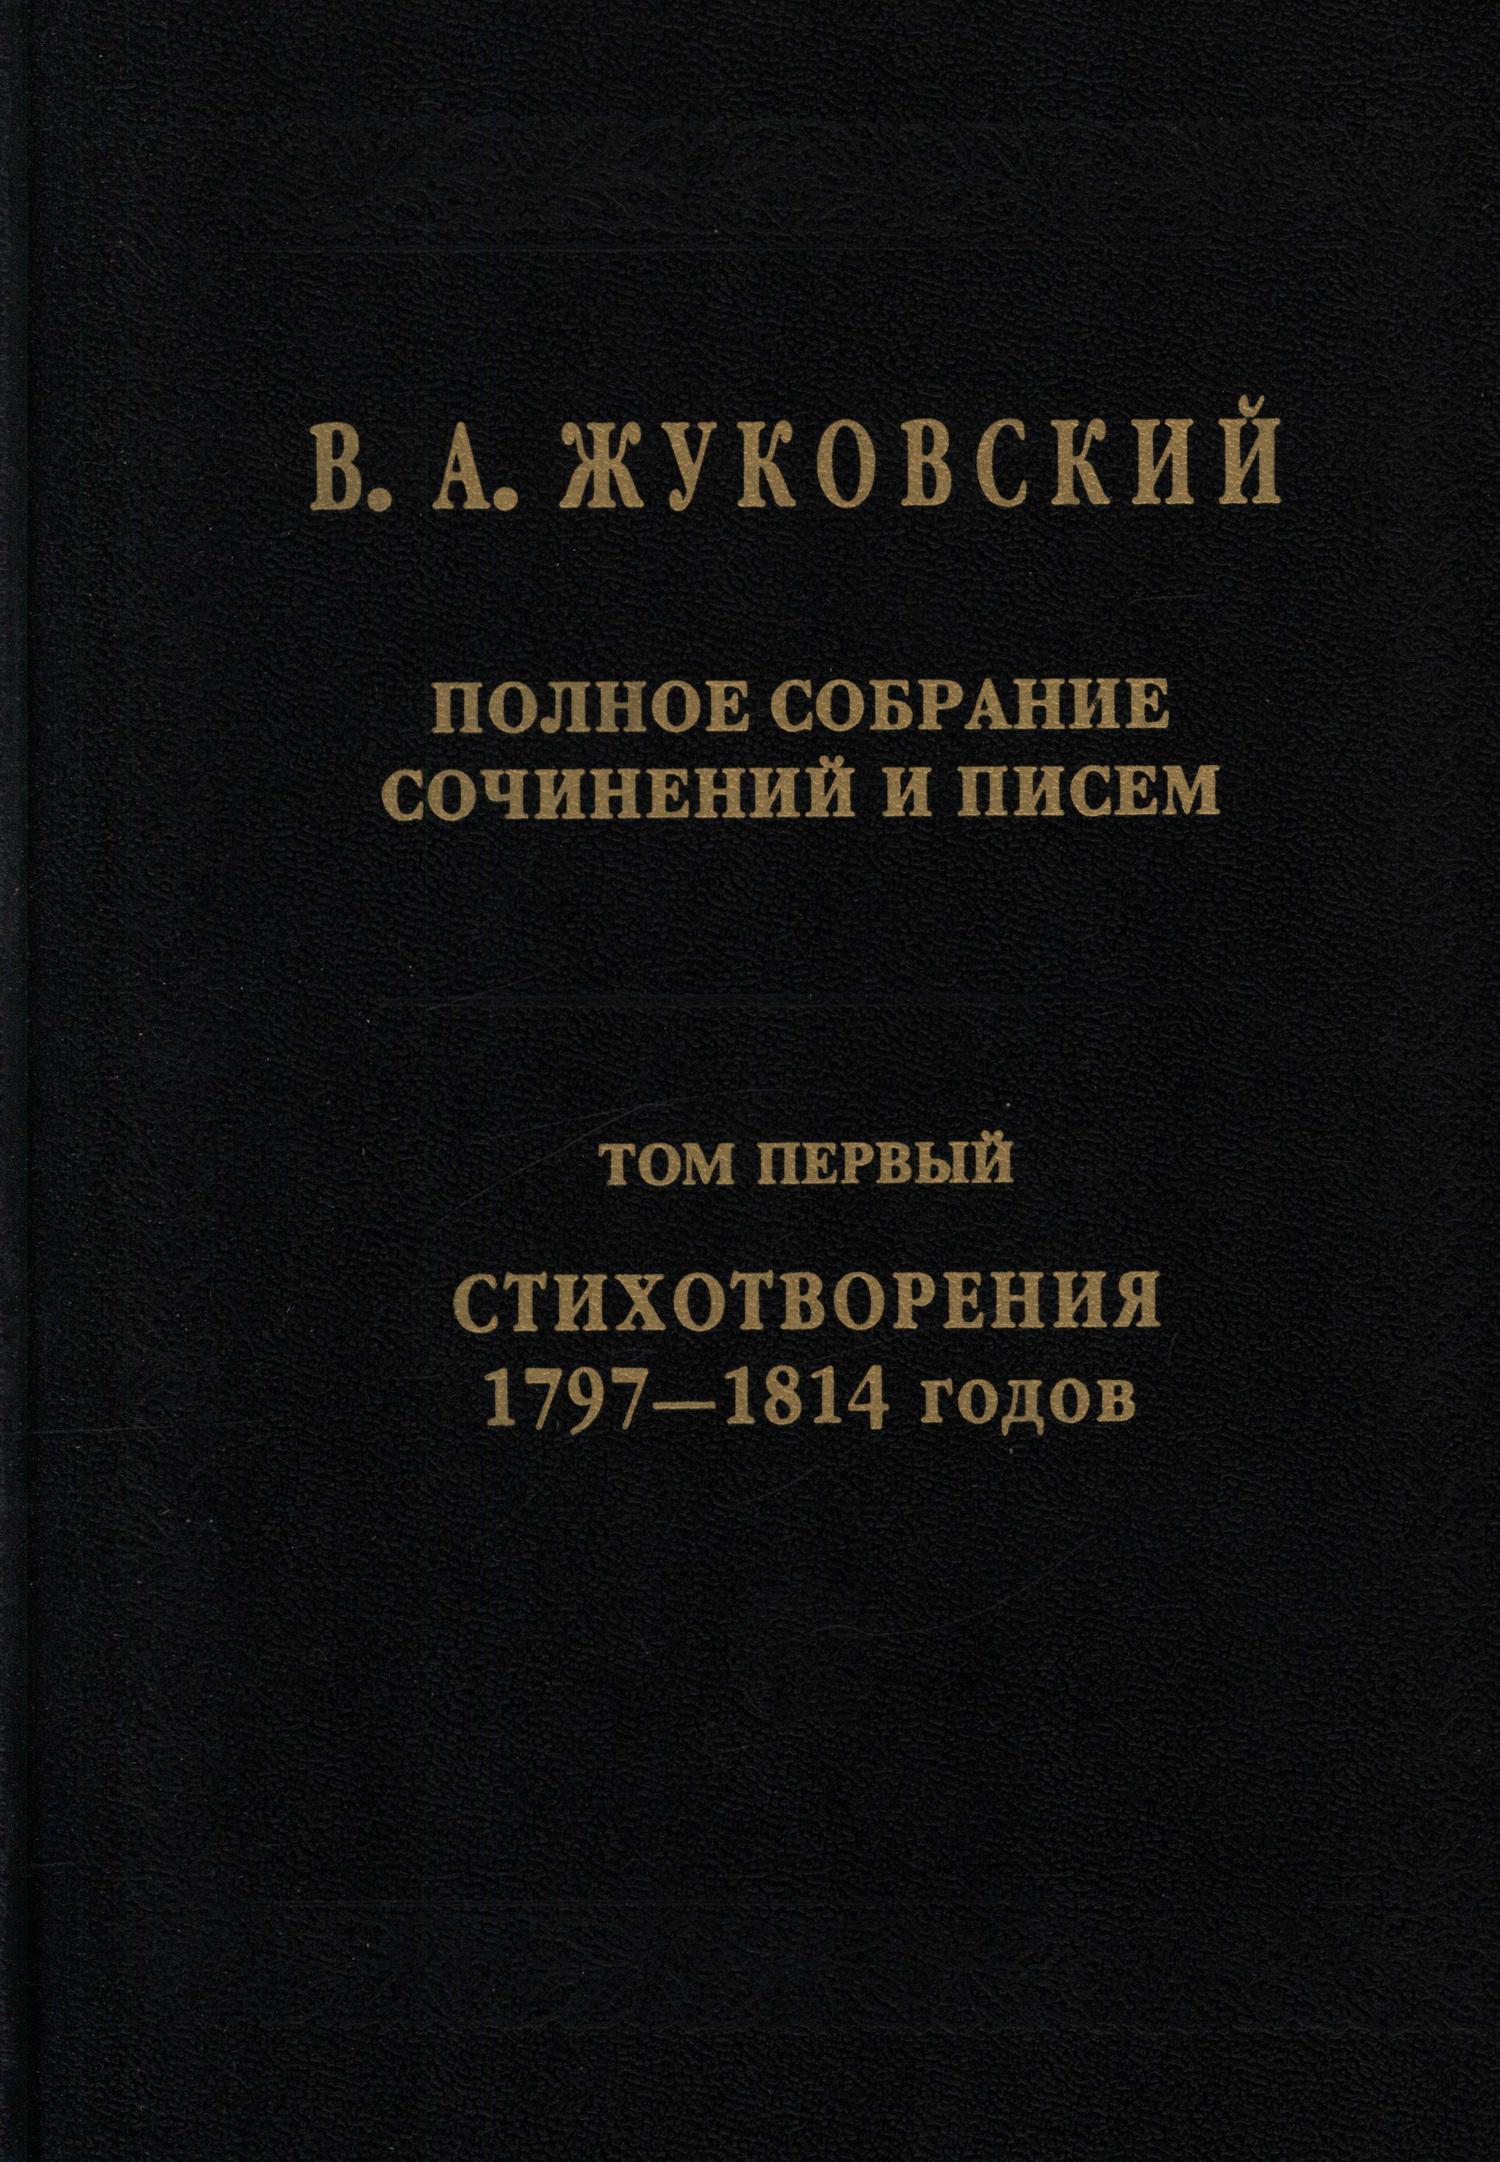 Василий Андреевич Жуковский Полное собрание сочинений и писем. Том I. Стихотворения 1797–1814 тт